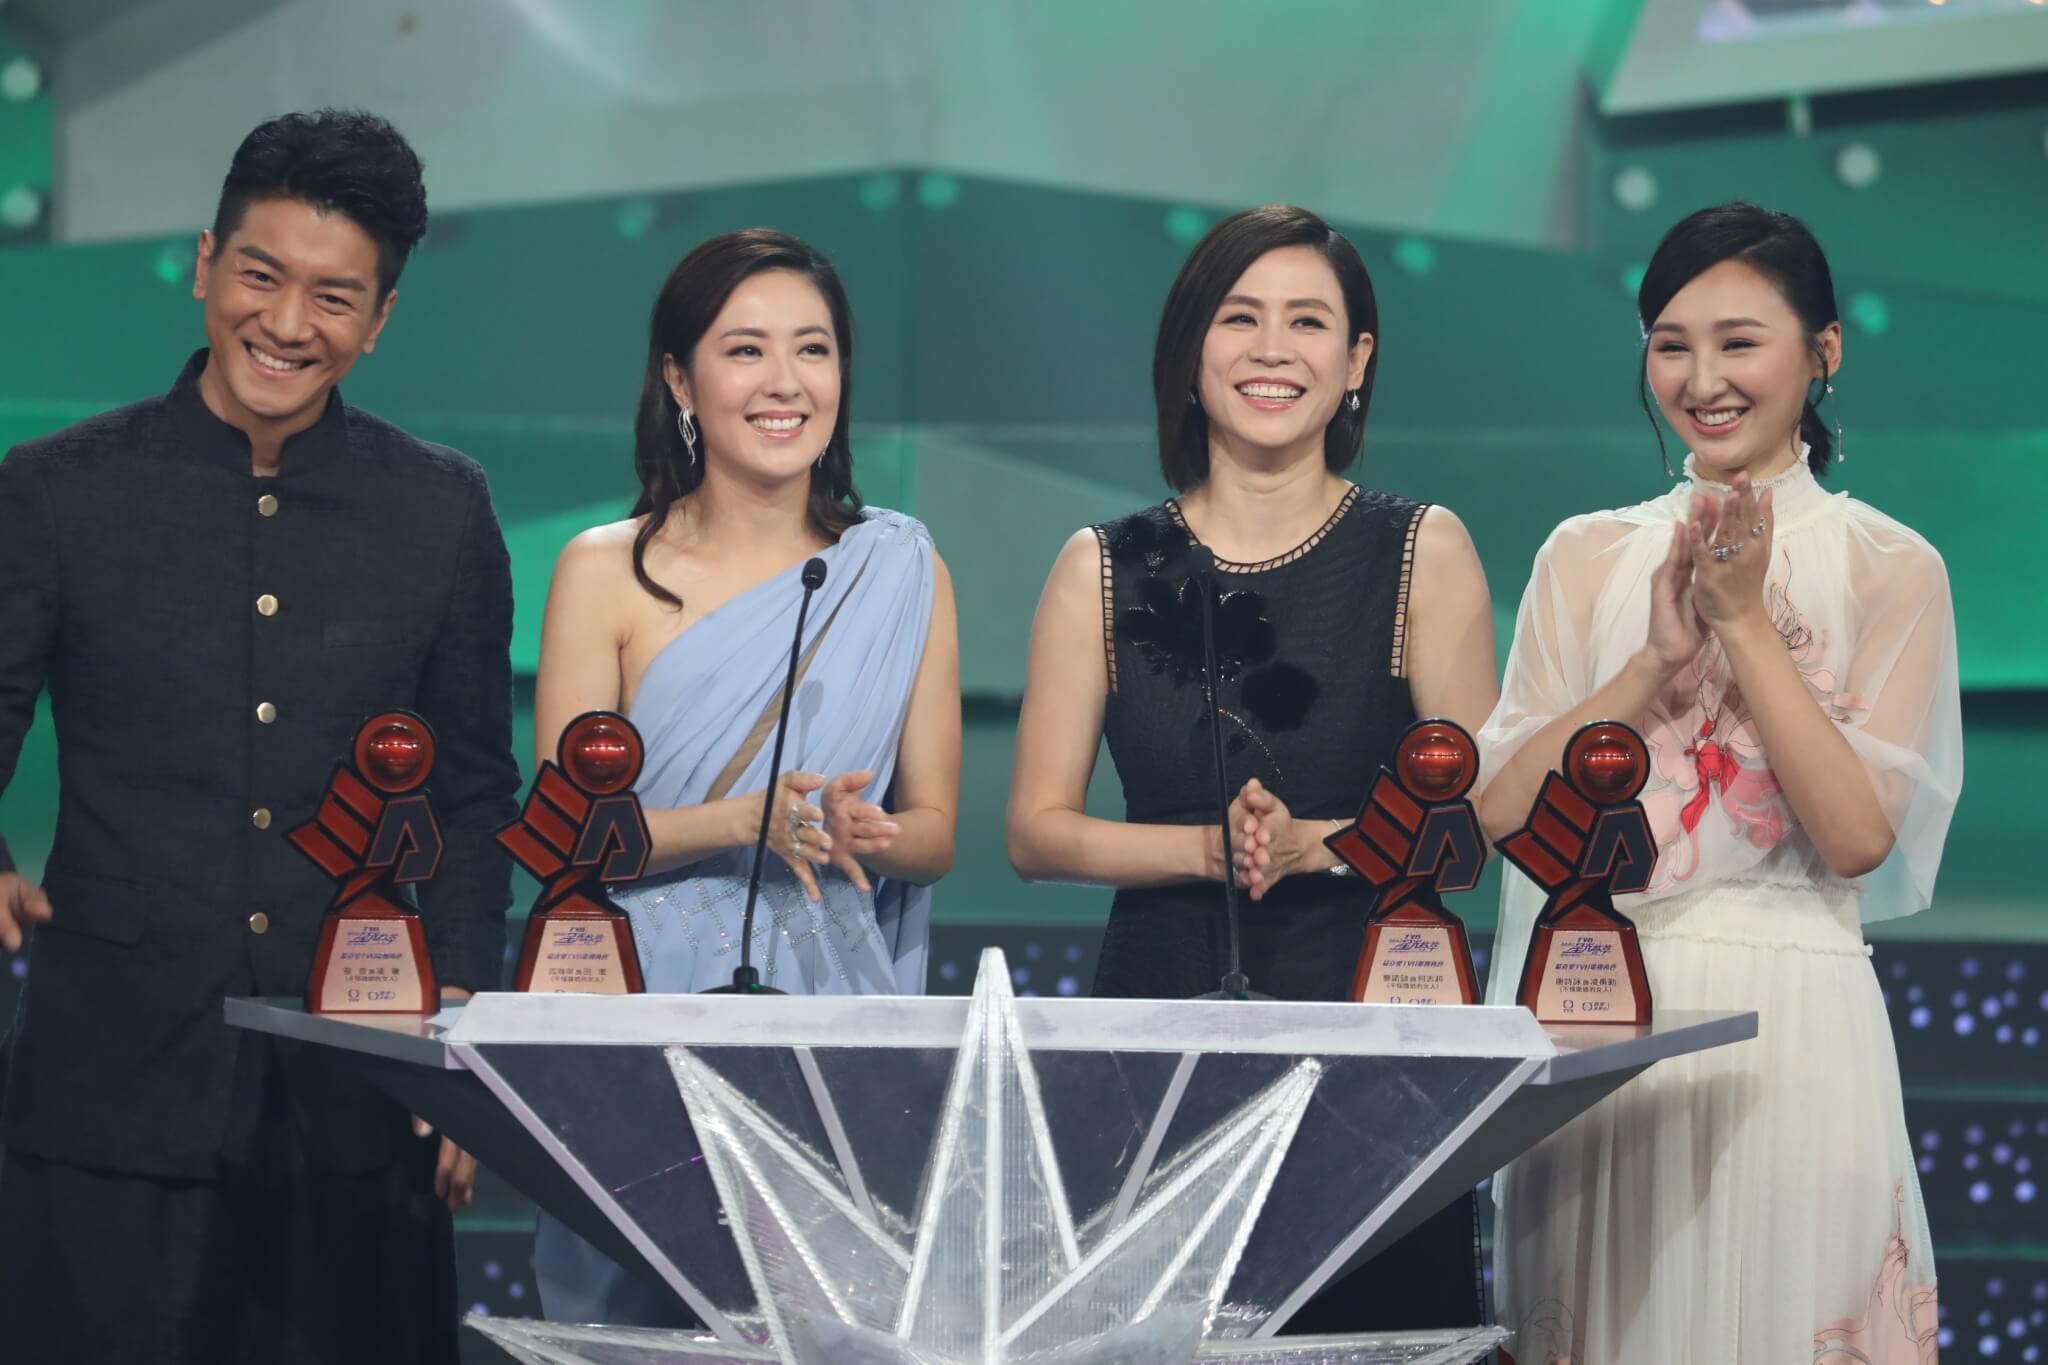 2017年於《TVB馬來西亞星光薈萃頒獎典禮2017》憑《不懂撒嬌的女人》田蜜一角獲得「最喜愛TVB電視角色」獎。